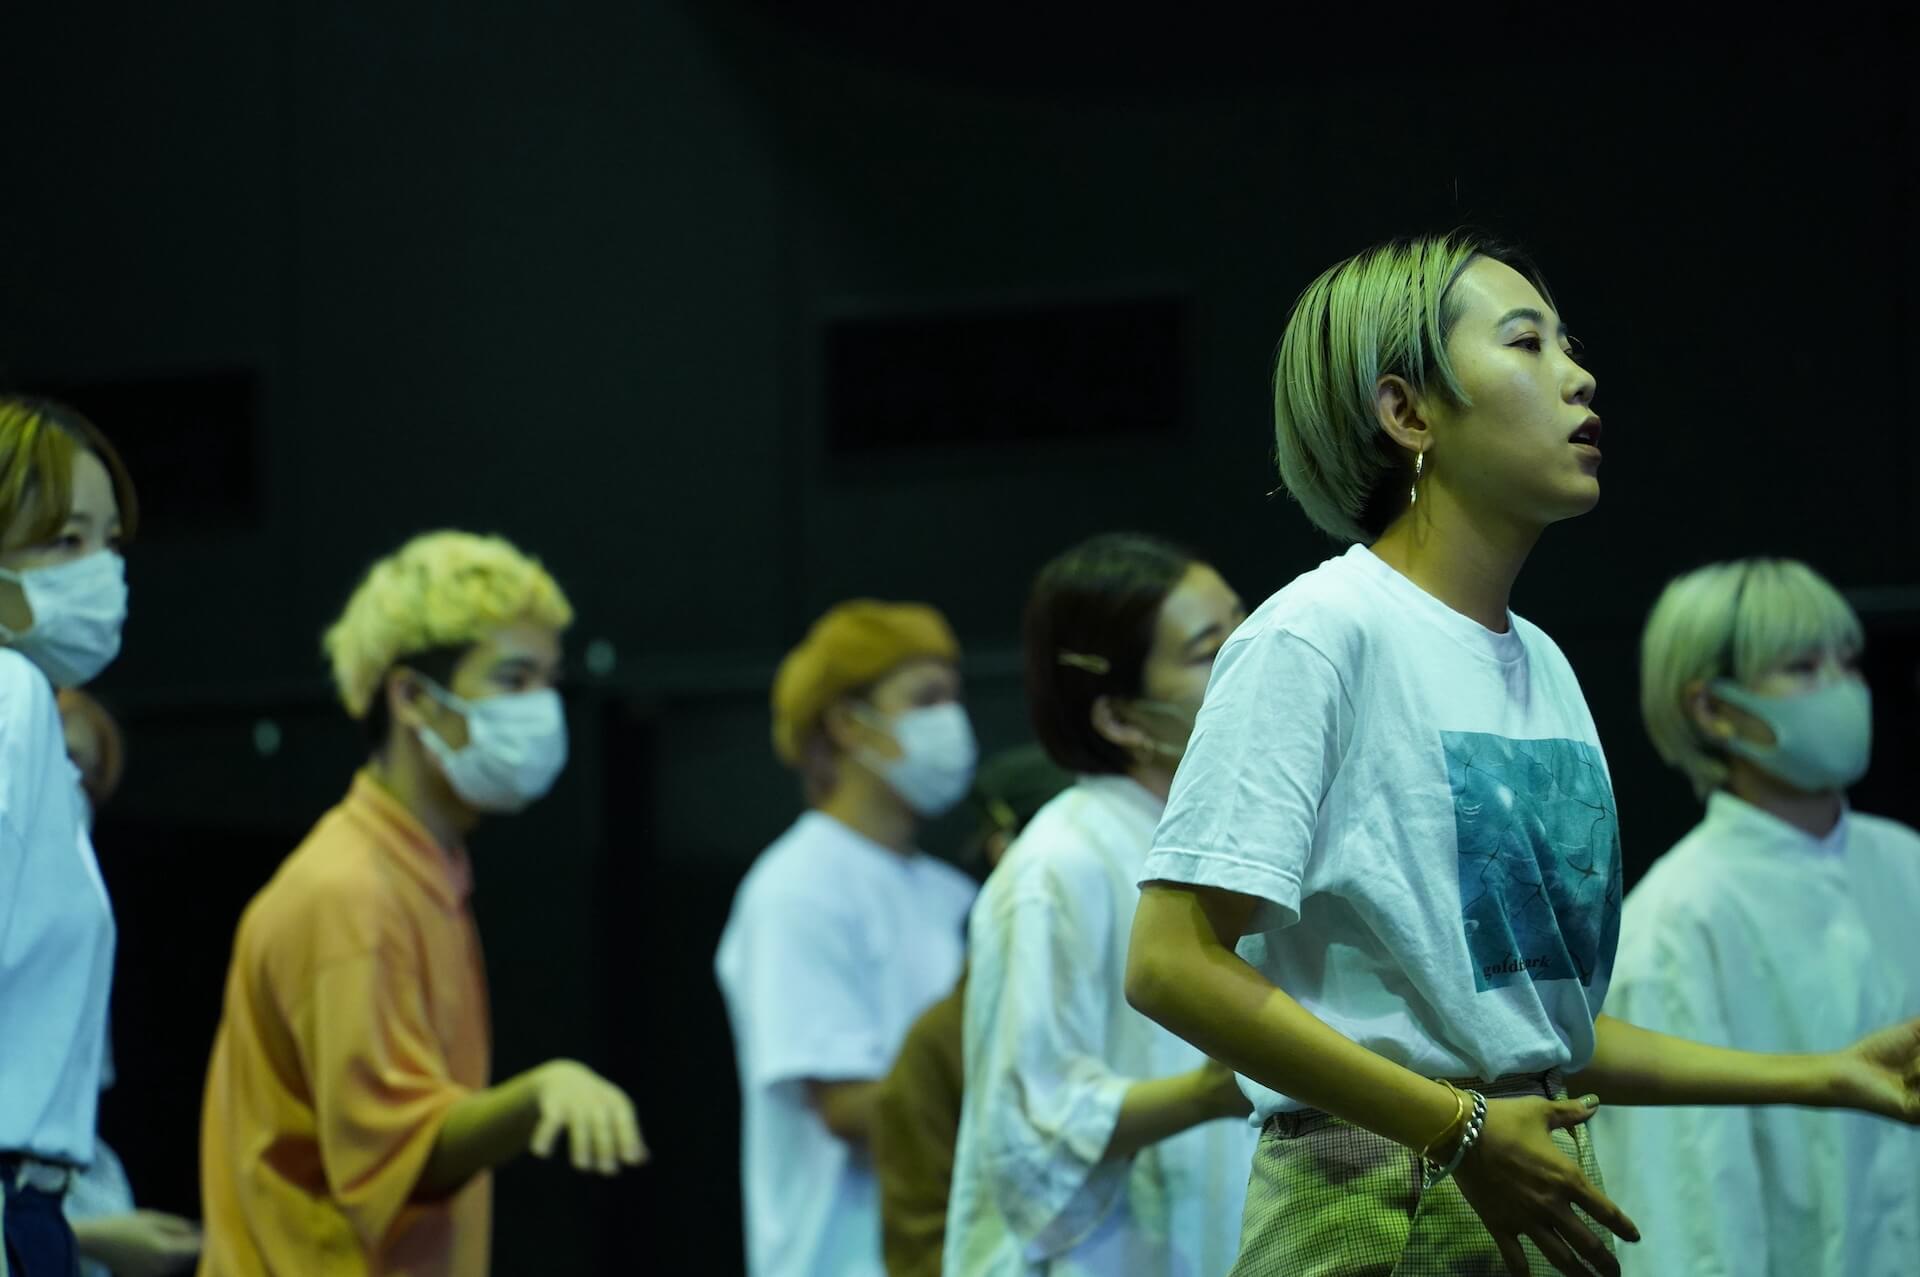 「音楽」と「踊り」──共演し続ける両者のマインド|対談:TENDRE × yurinasia interview210727_yurinasia-tendre-02